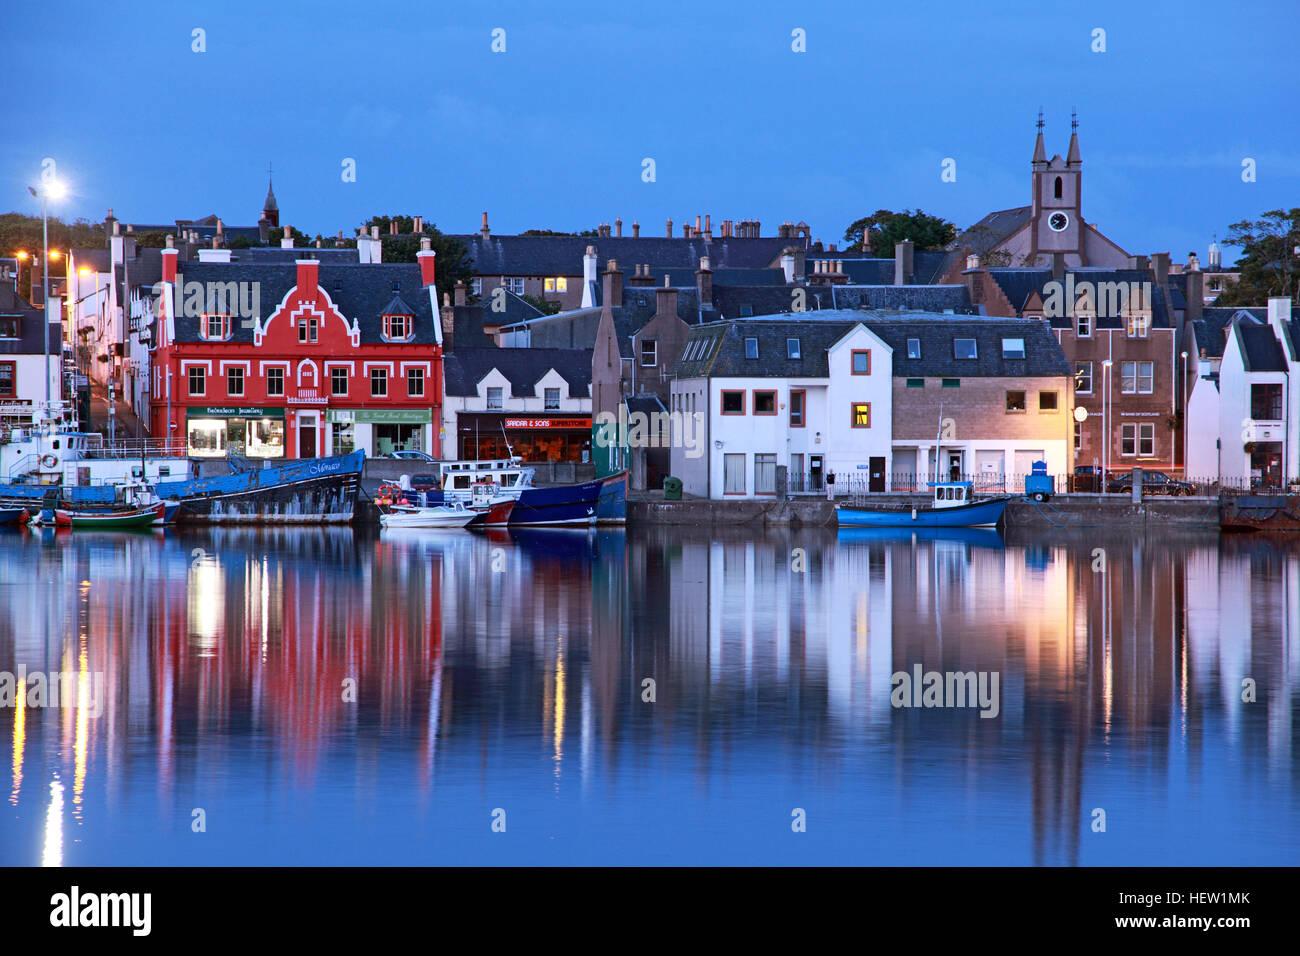 Laden Sie dieses Alamy Stockfoto Stornoway, Isle Of Lewis Hafen in der Abenddämmerung - HEW1MK